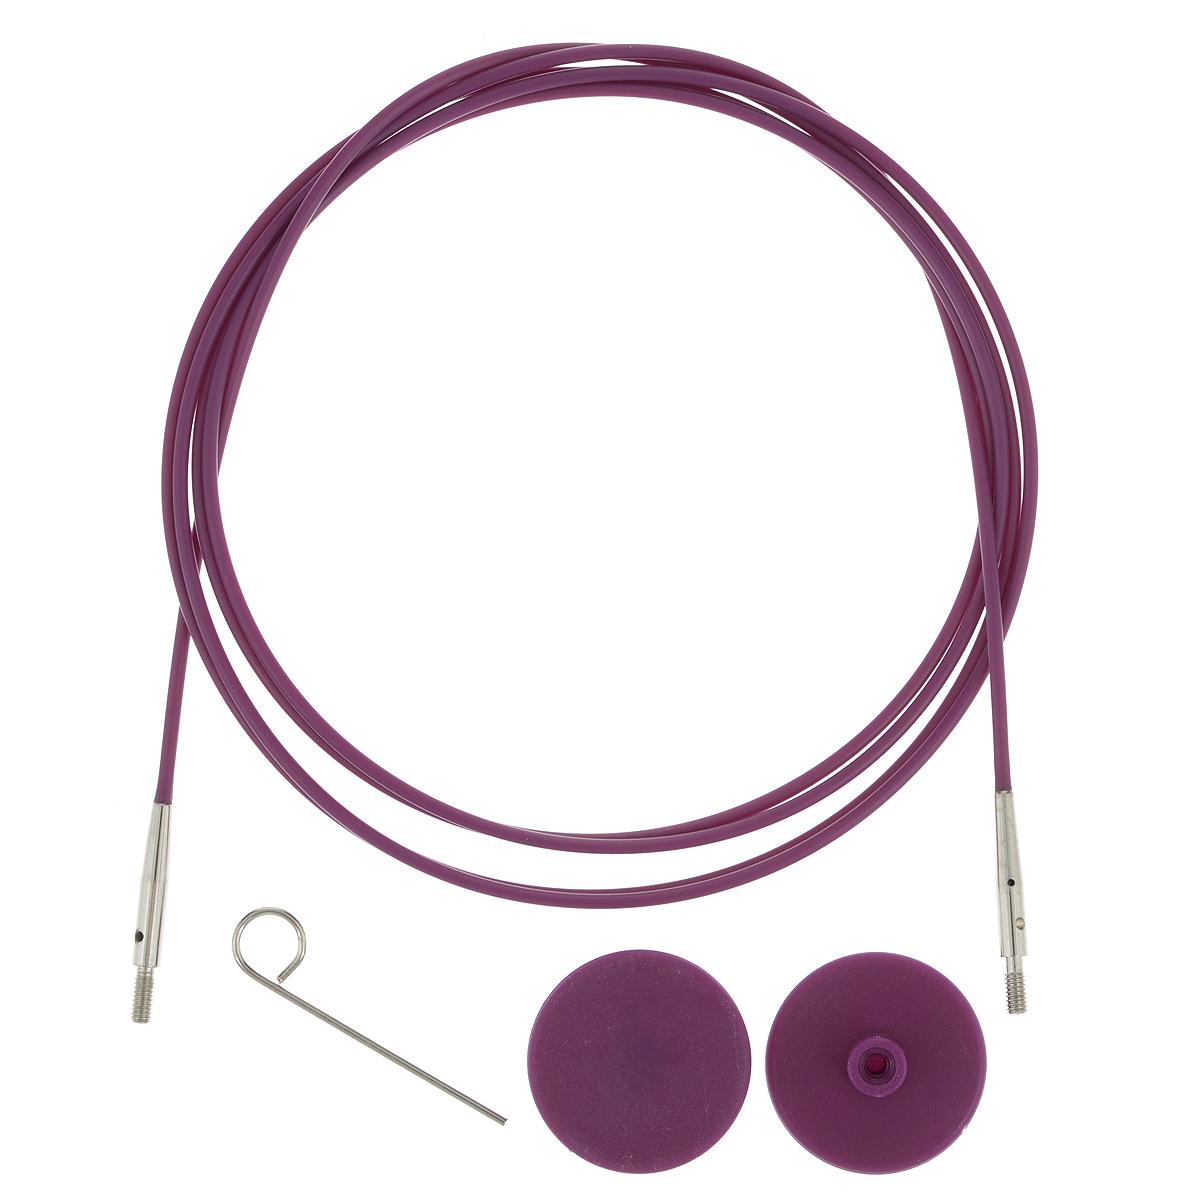 Тросик для съемных спиц KnitPro, с заглушками, цвет: фиолетовый, серебристый, длина 94 см10504Тросик KnitPro, изготовленный из гибкого пластика и металла, легко комбинируются со съемными спицами. Для надежного соединения со спицами тросик комплектуется ключиком и двумя заглушками. Подходит для любого вида съемных спиц: деревянных, никелированных и акриловых фирм KnitPro, Prym и LanaGrossa. Изделие моментально распрямляется и больше не закручивается. На концах тросика - резьба для прикручивания его к спицам. Место соединения спиц и тросика - надежное и гладкое, ничто не помешает петелькам скользить по спицам. Если необходимо использовать спицы для вязания другого изделия, просто открутите их, прикрутите заглушки к тросику и принимайтесь за новое вязание! Длина тросика: 94 см. Длина тросика (с учетом длины съемных спиц): 120 см.